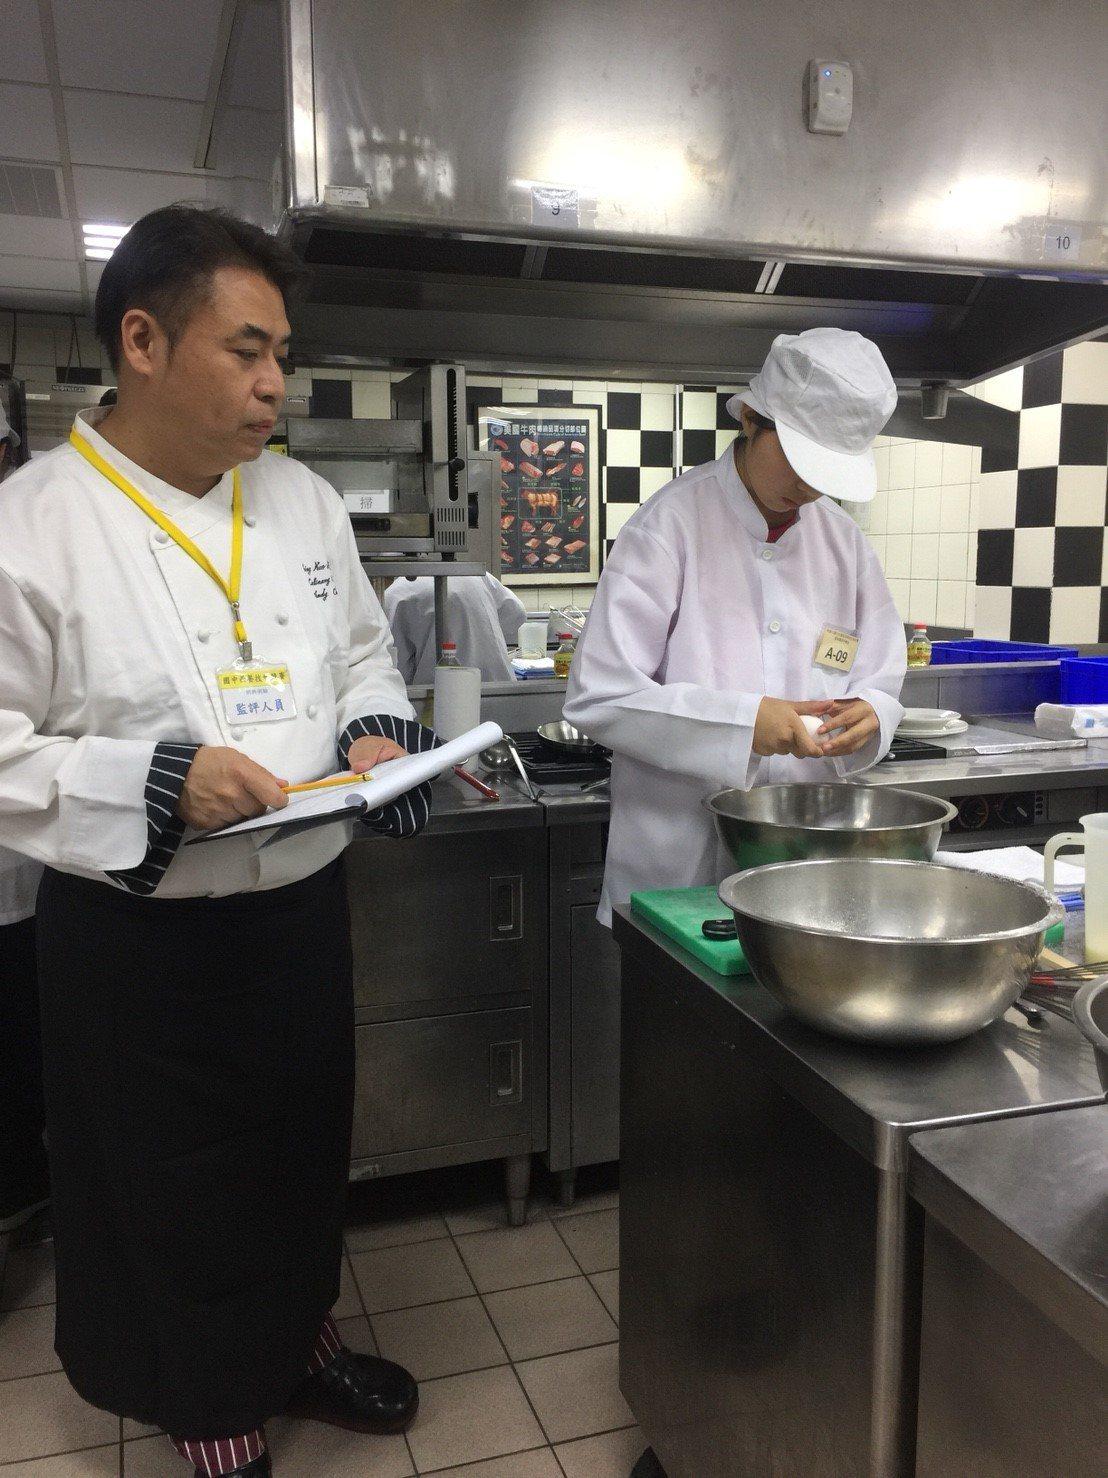 育達高中請來專業主廚擔任評審嚴格看著學生料理過程。記者鄭國樑/攝影